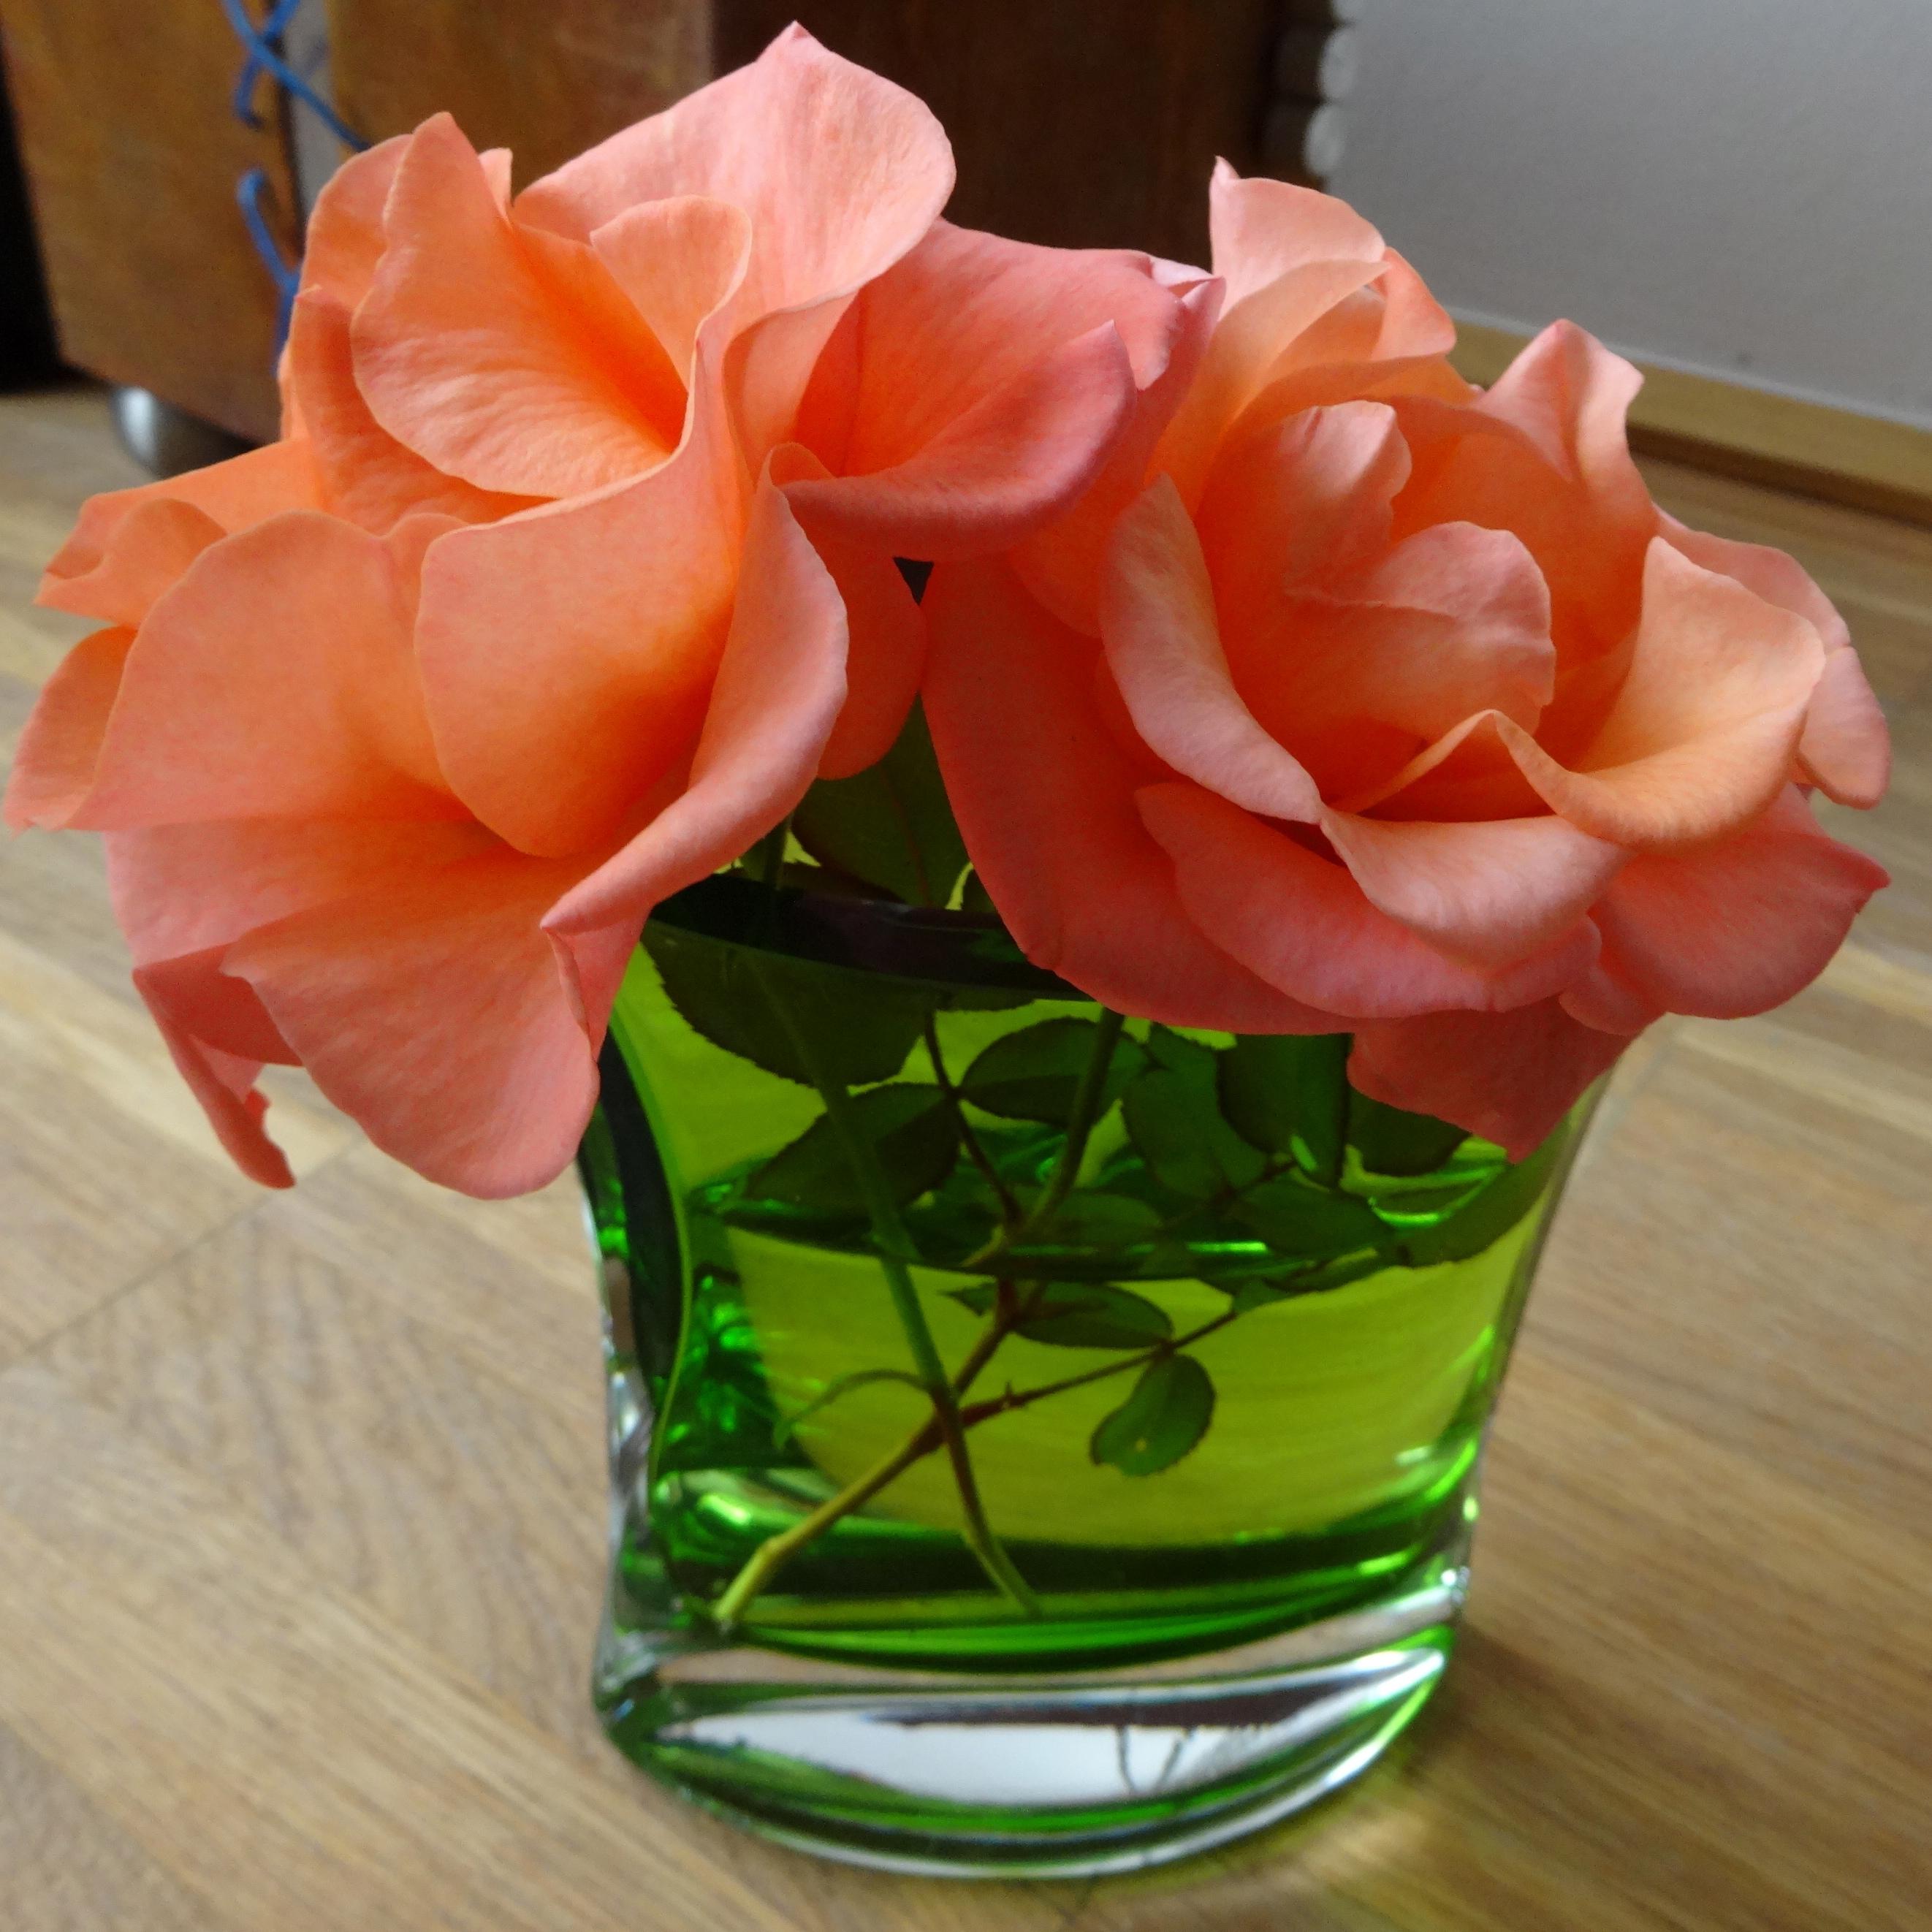 November roses / Rosen